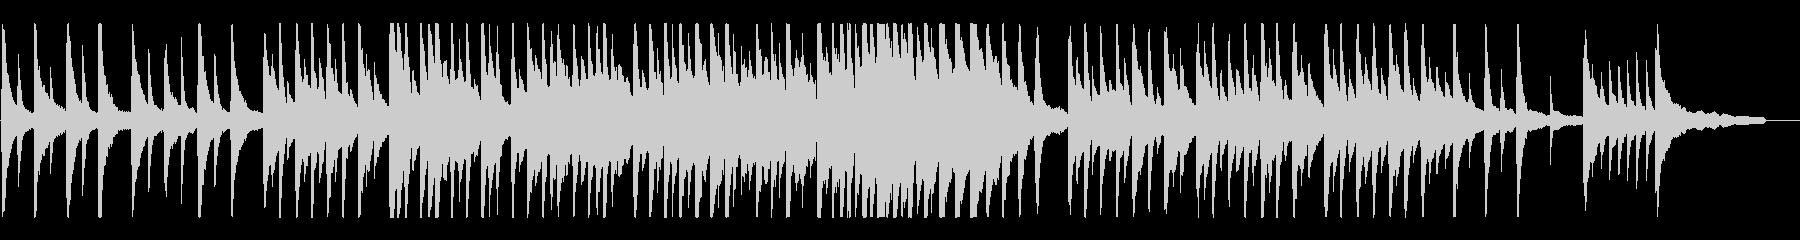 どこか遠く懐かしい~儚く温かいピアノソロの未再生の波形